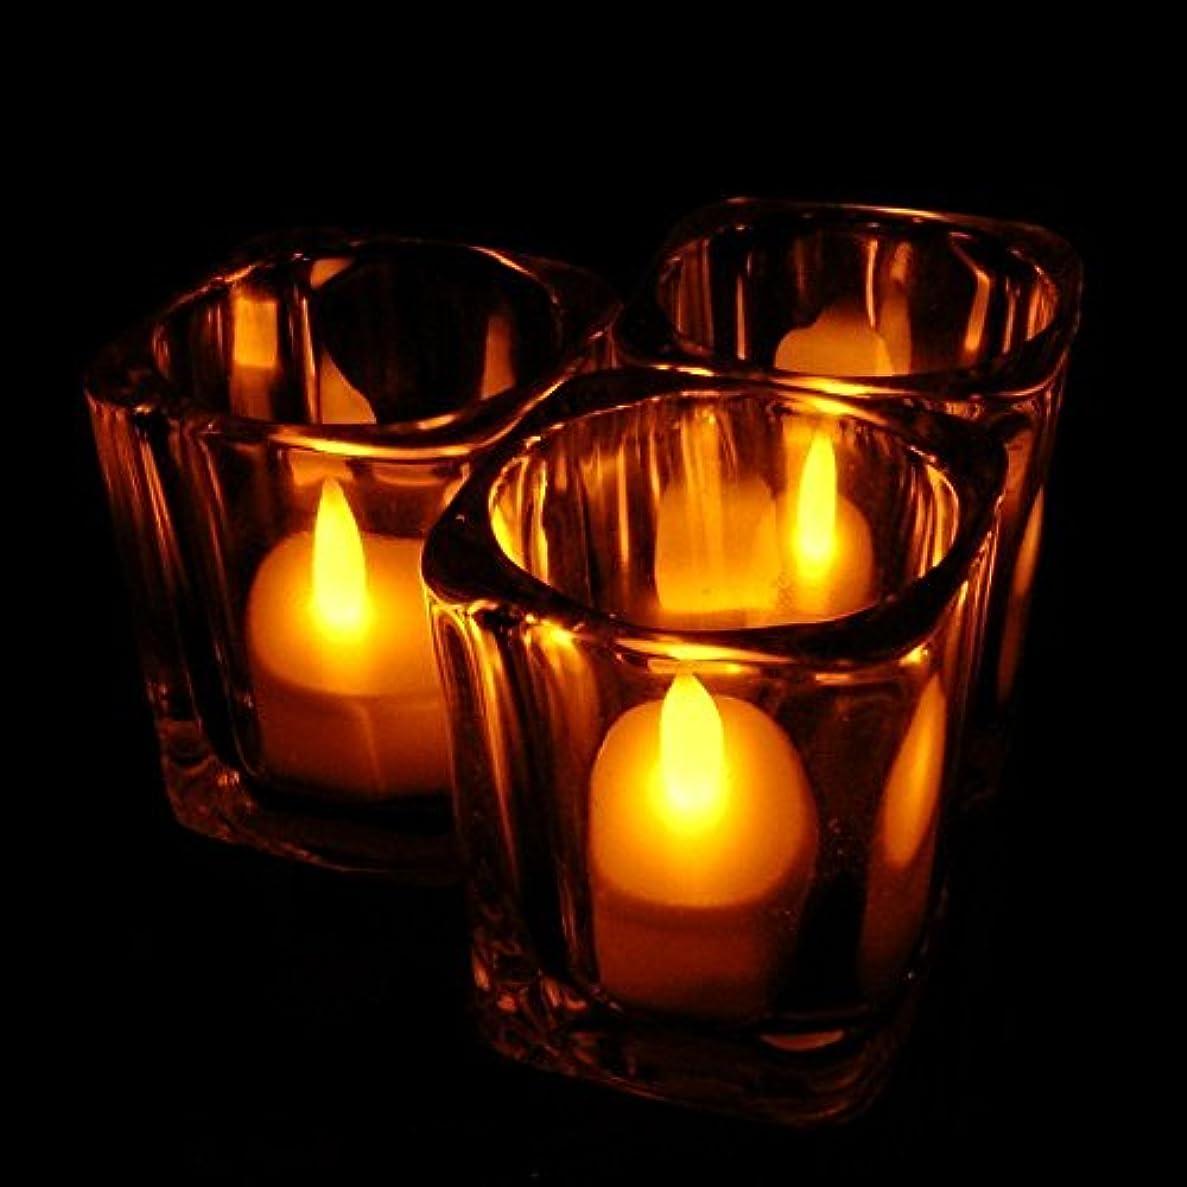 空いている喪カロリーホット24ピースledティーライトキャンドルhouseholed velas ledバッテリ駆動フレームレスキャンドル教会とホームdecoartionと照明